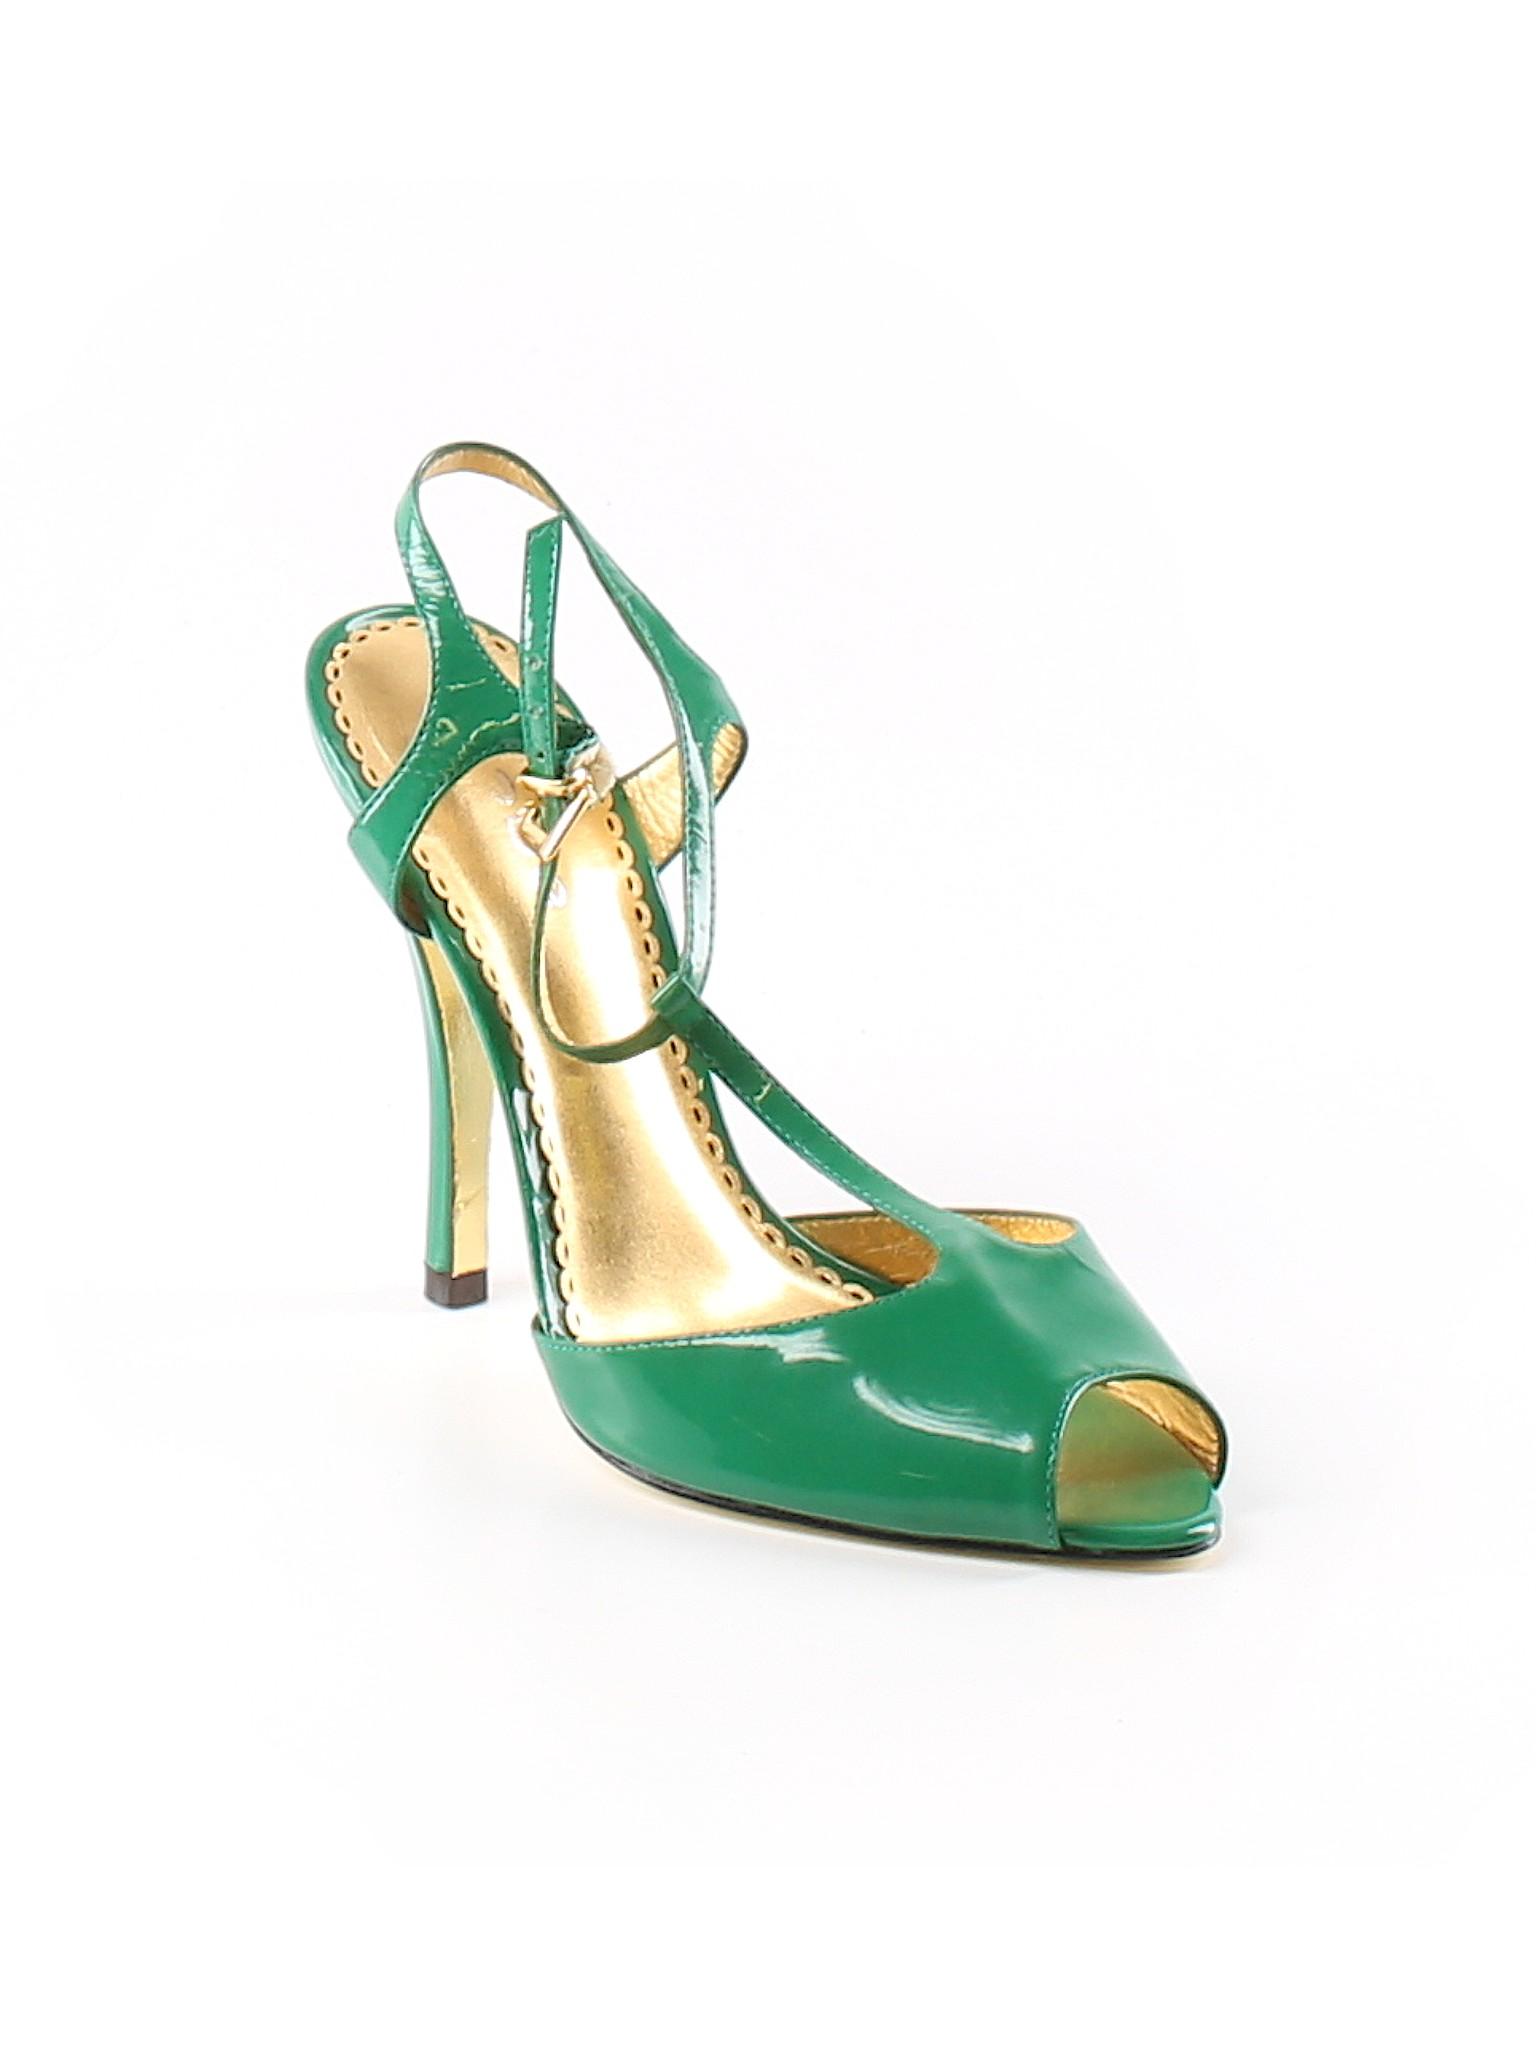 Boutique Bebe promotion promotion Heels Heels Bebe Boutique cq8FRWn1Sz